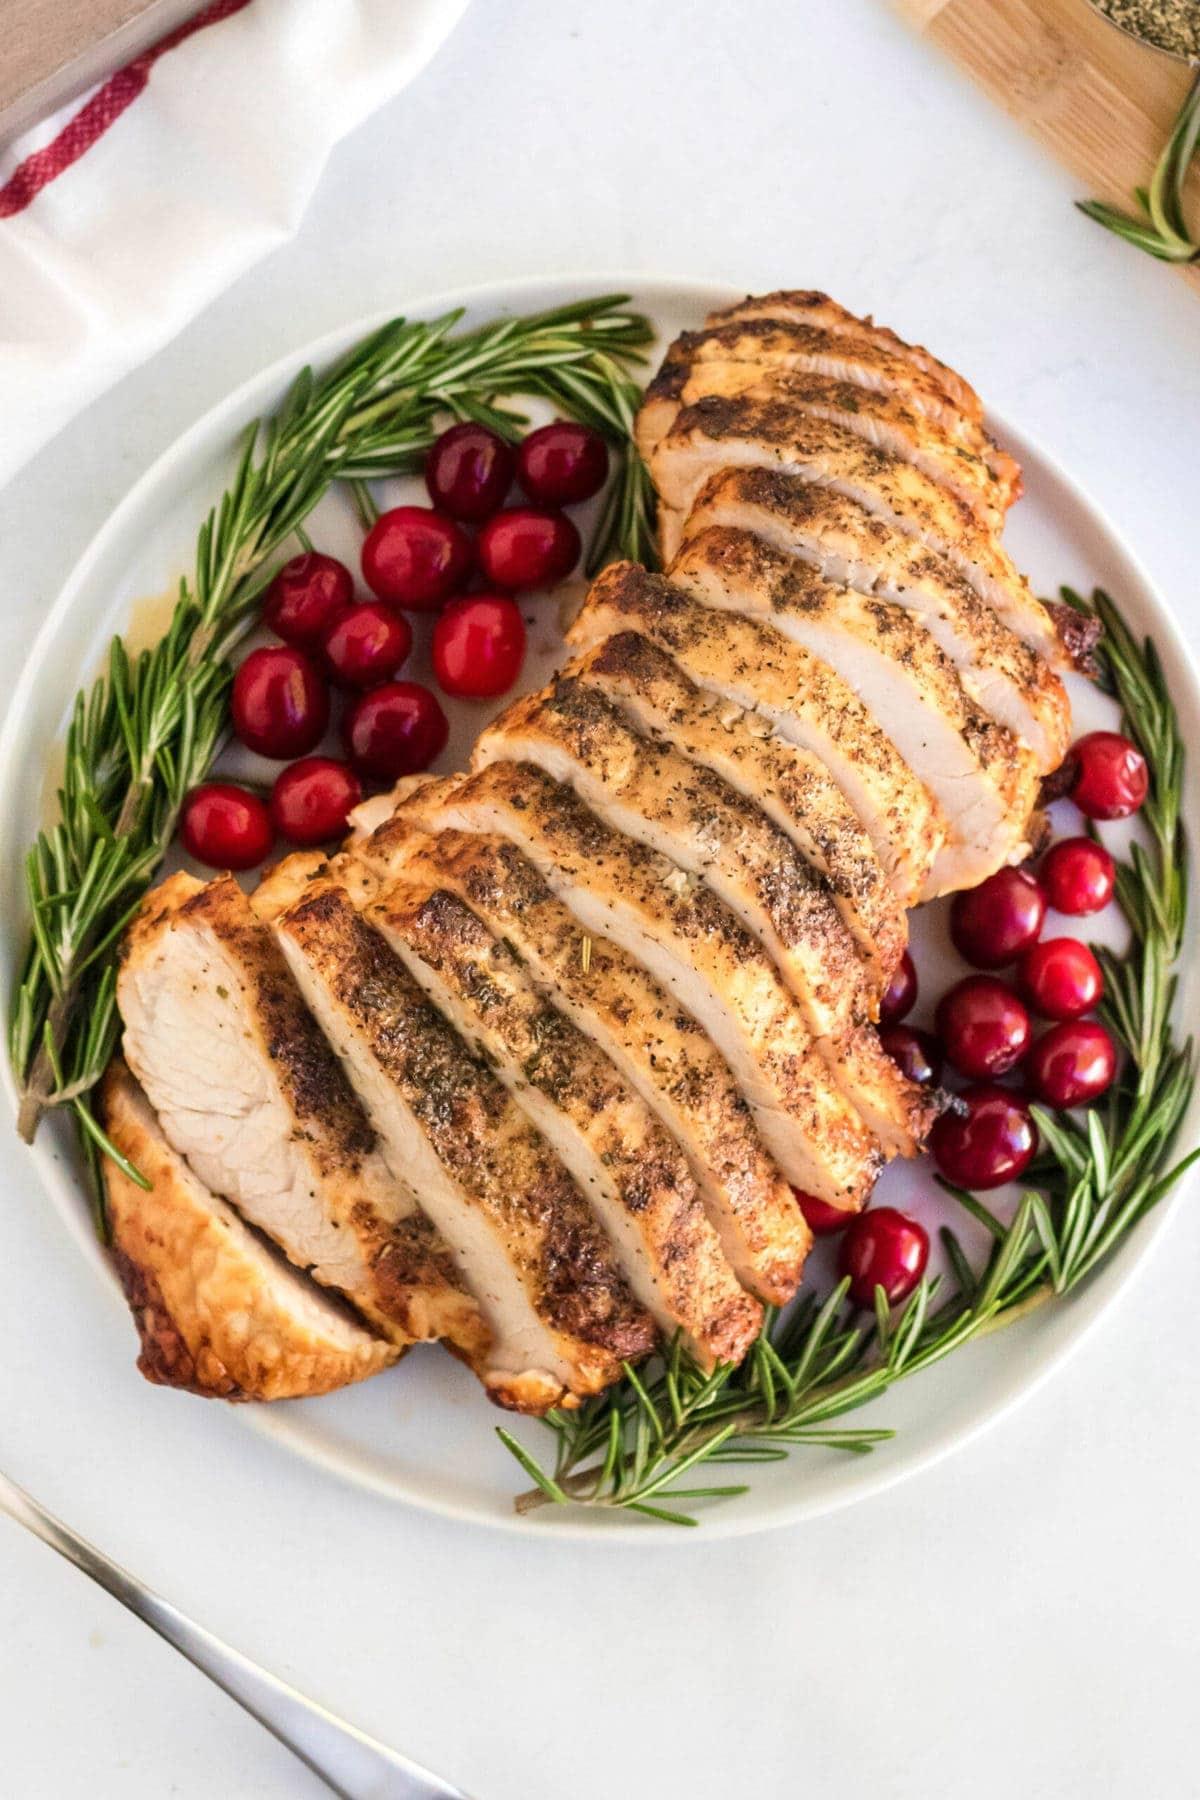 white platter, rosemary, cranberries, sliced turkey breast, fork